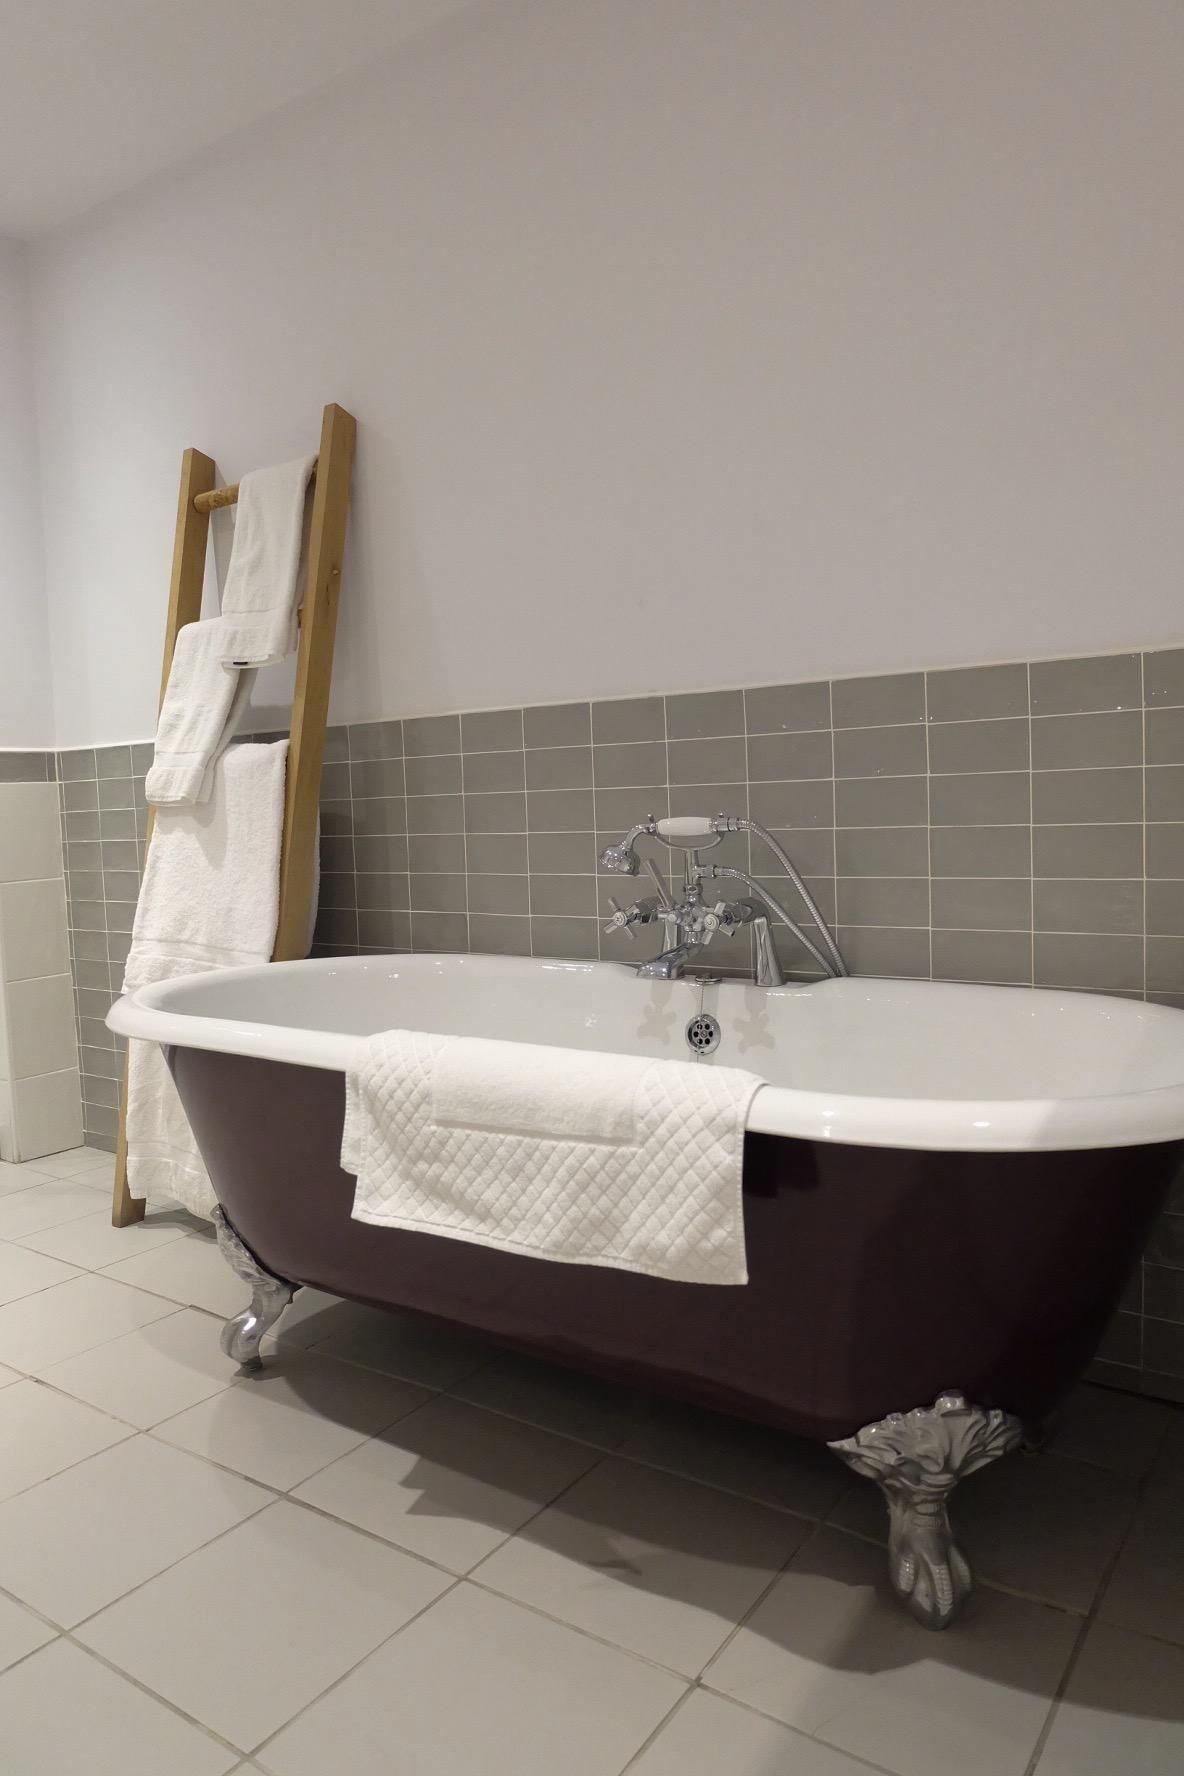 Roll-top bath